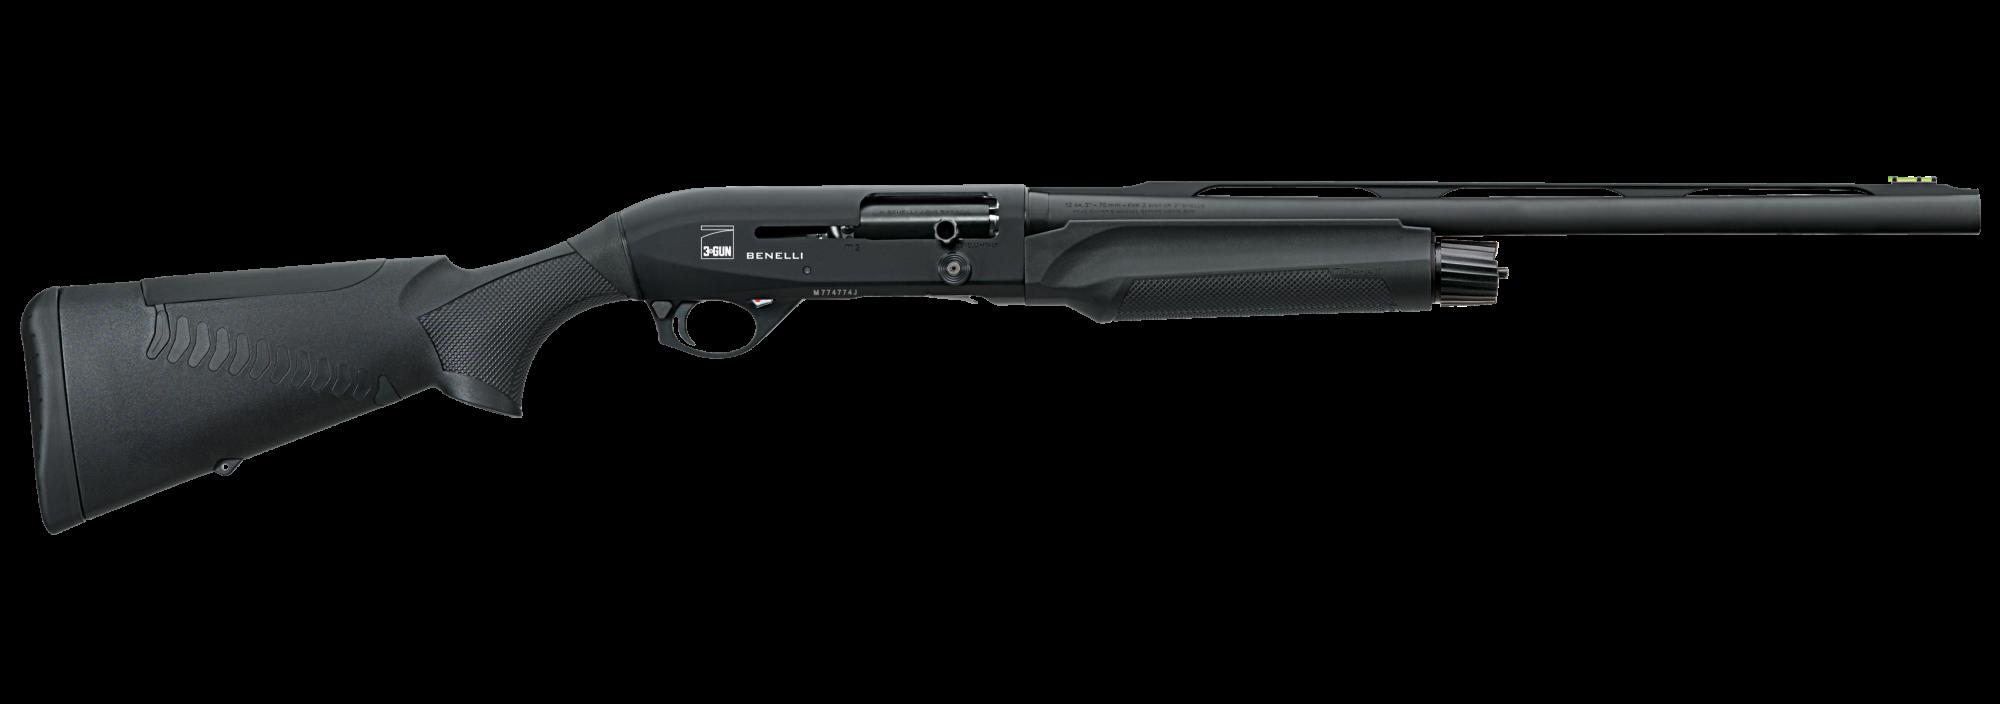 perf_shop_m2_3-gun.png (2000×704) - Gun PNG